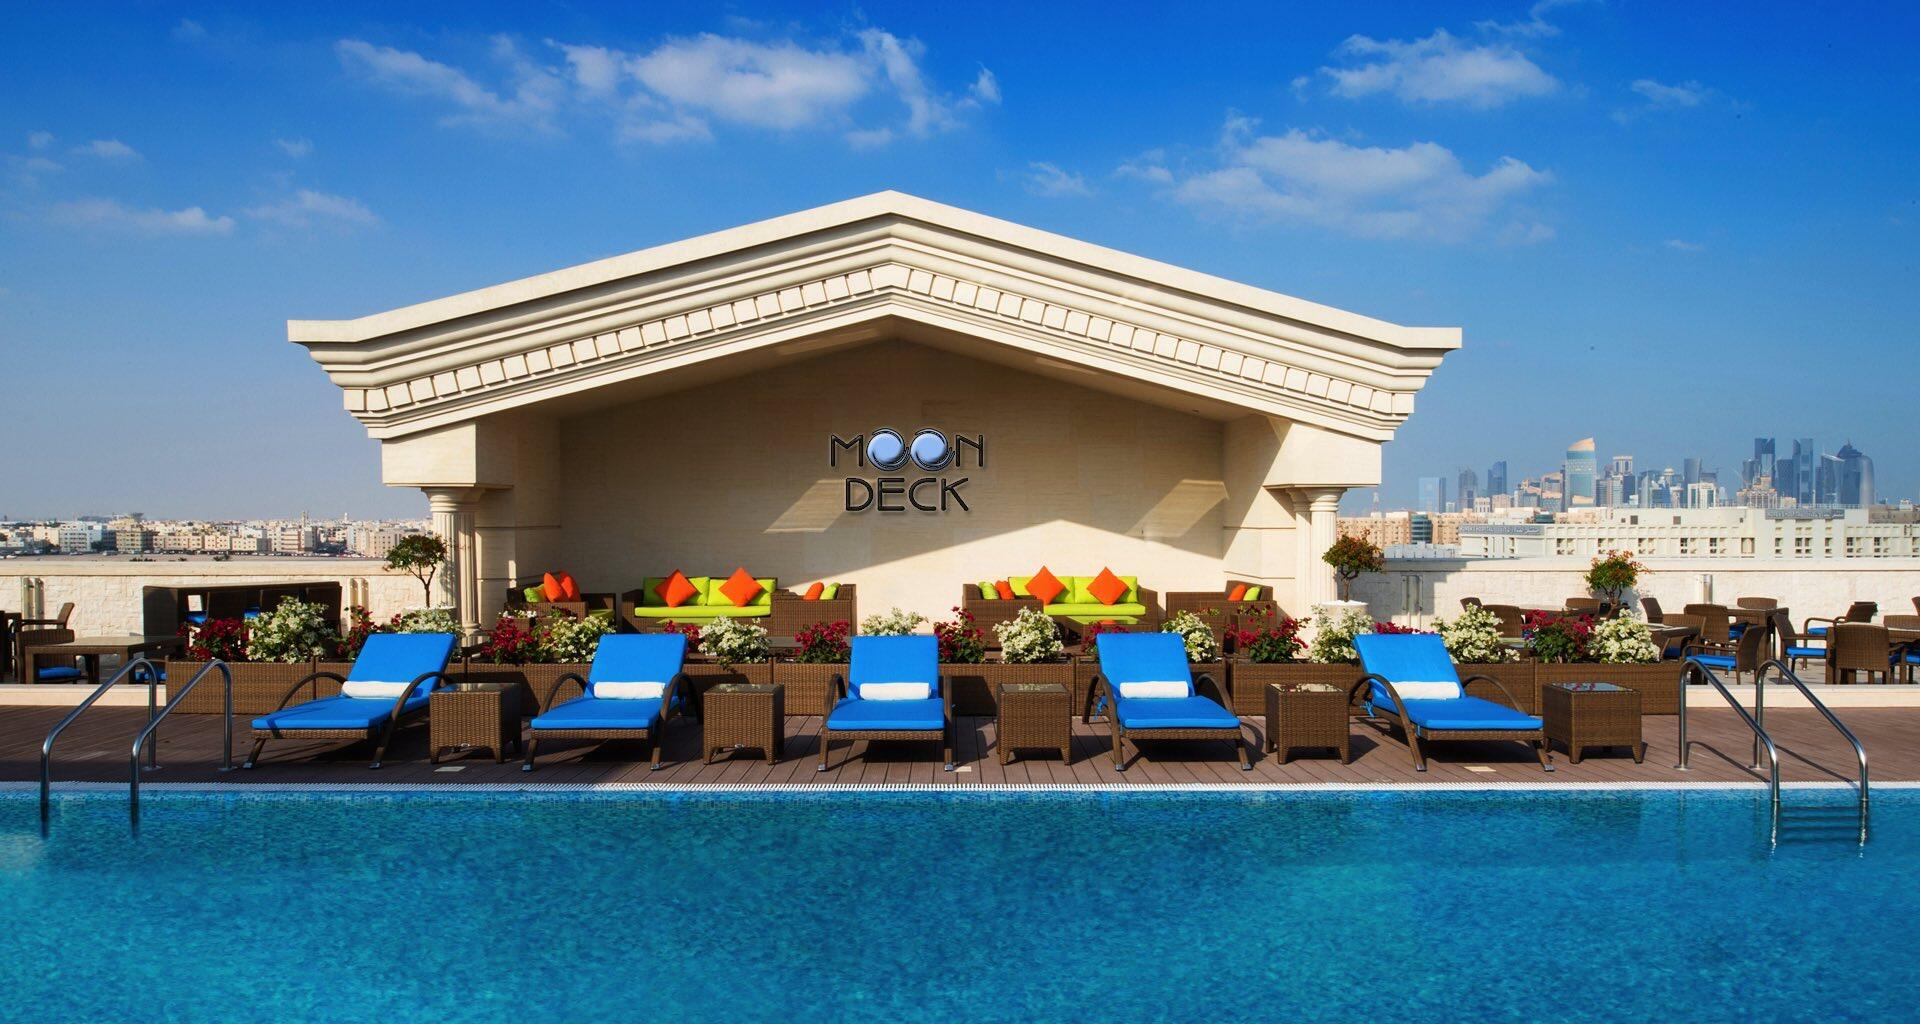 حوض السّباحة في مون ديك الدوحة